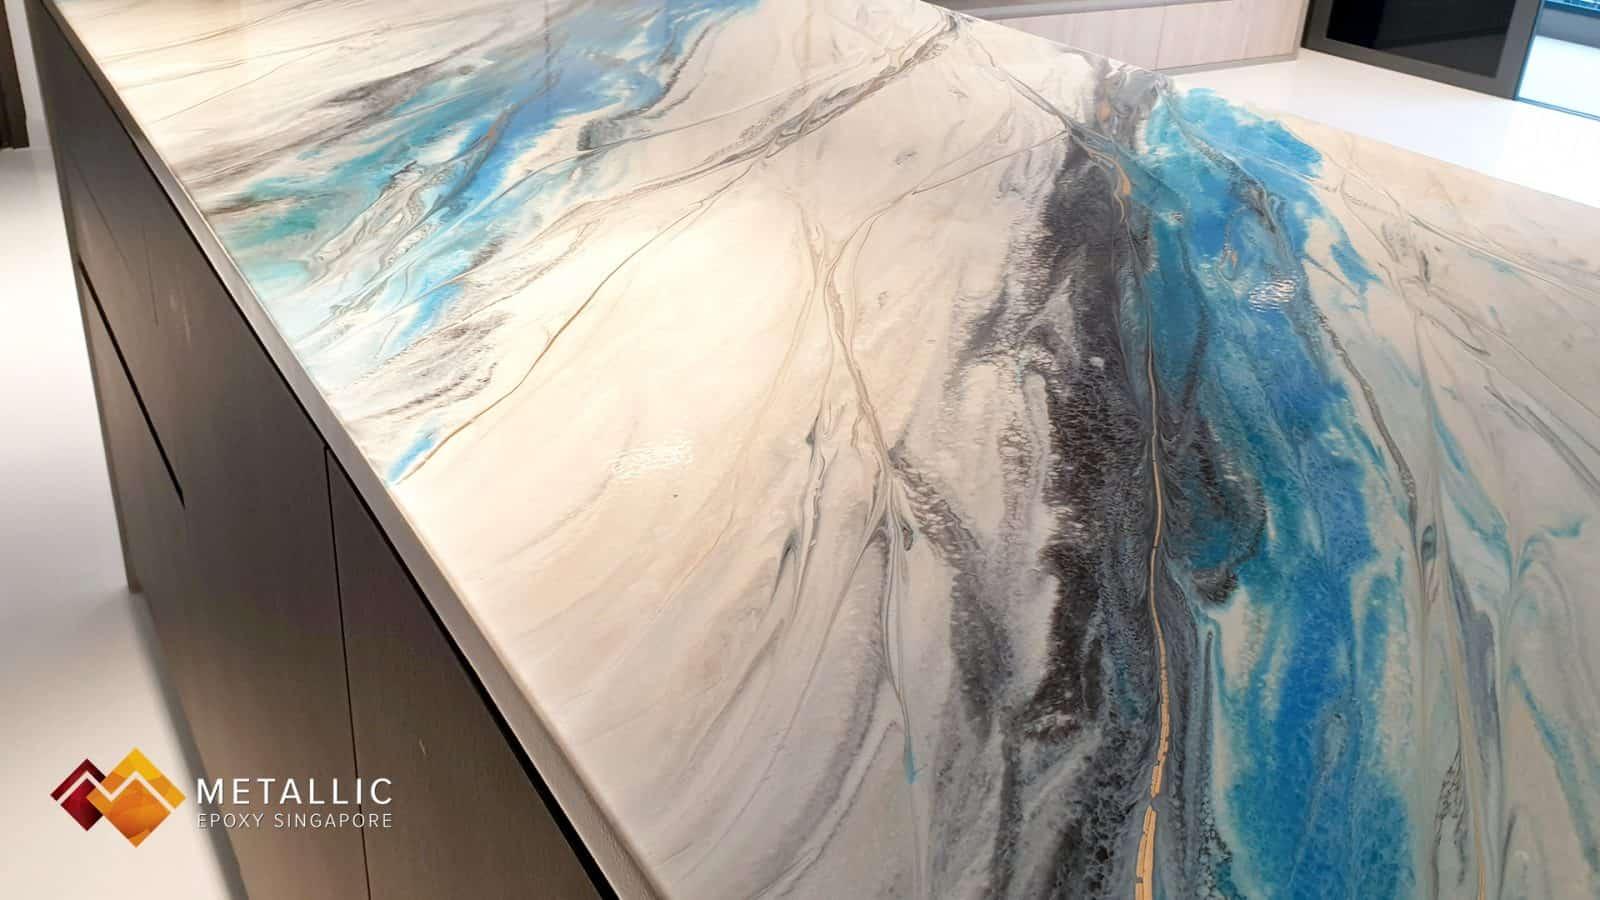 Metallic Epoxy Turquoise Mixed Kitchen Countertop